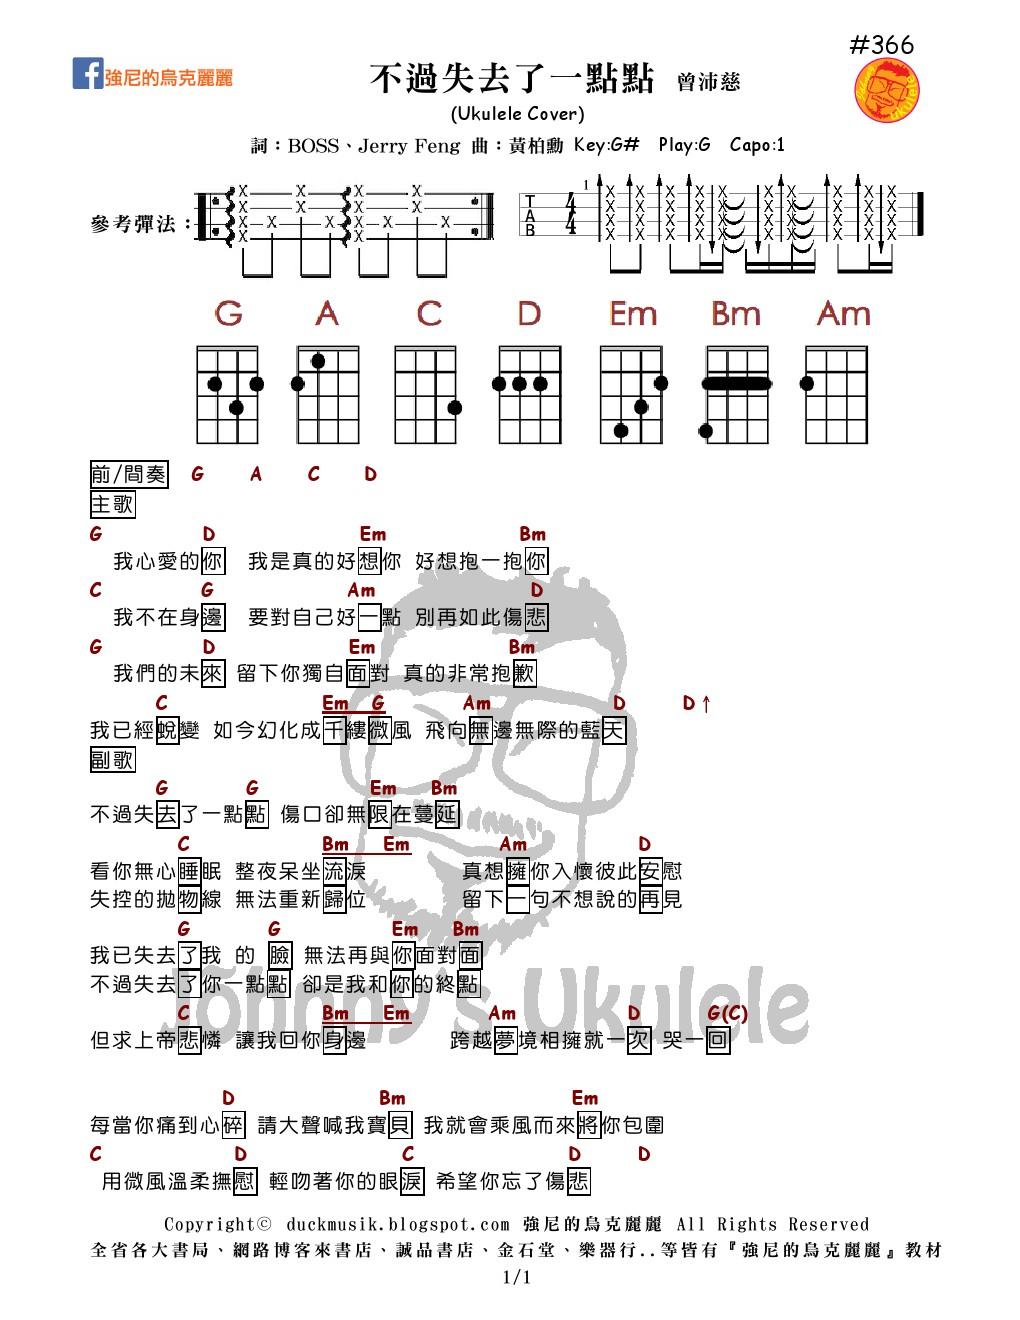 強尼的烏克麗麗 Johnny Ukulele音樂教室: #366 不過失去了一點點 曾沛慈 強尼的烏克麗麗譜 Johnny's Ukulele Tabs